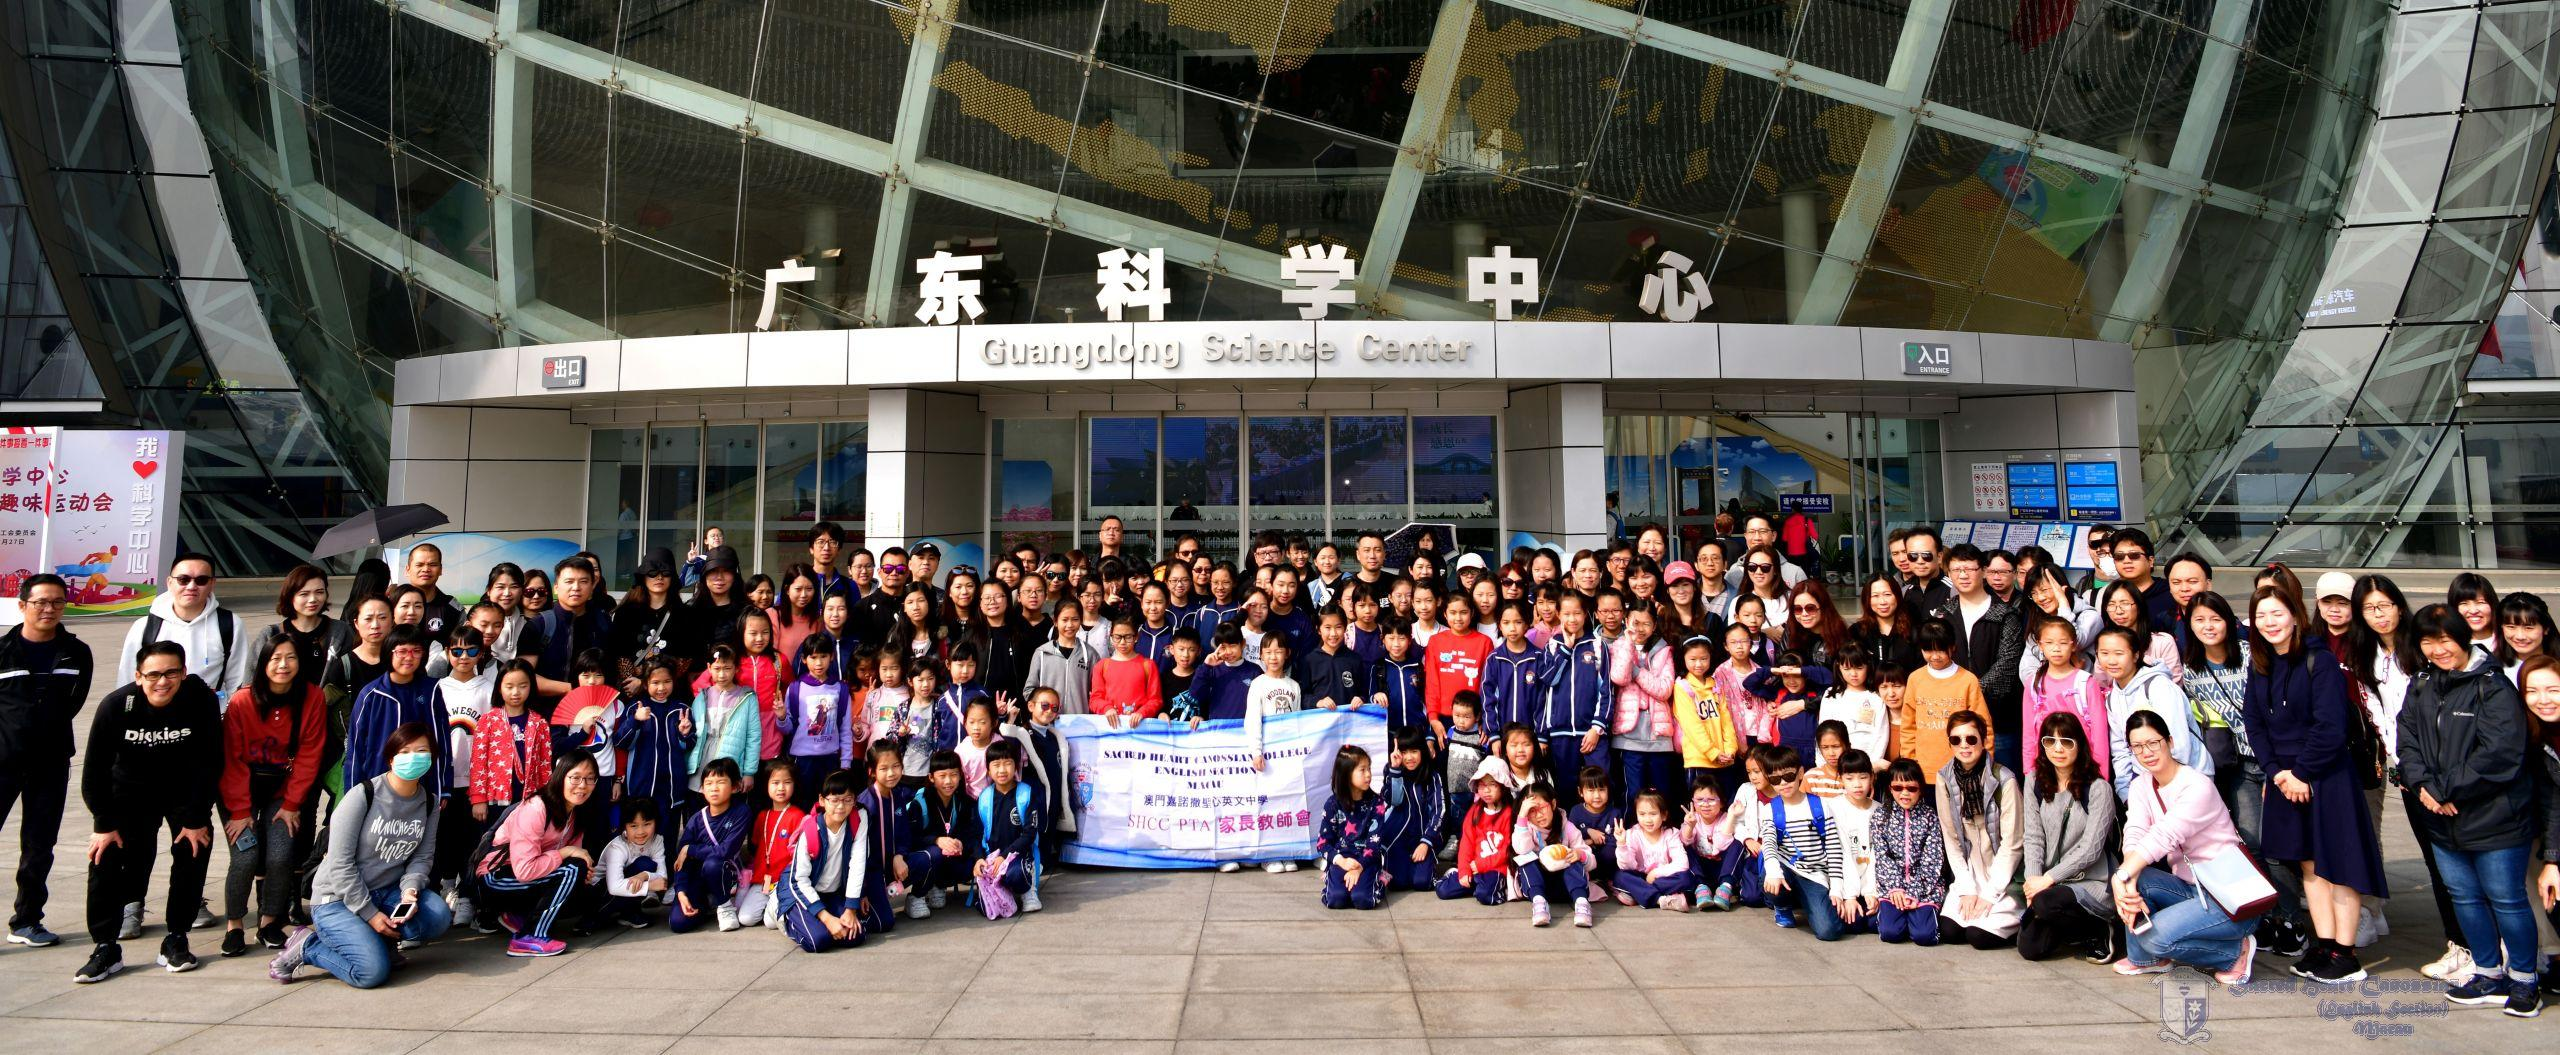 親子境外遊參加者於廣東科學中心合影